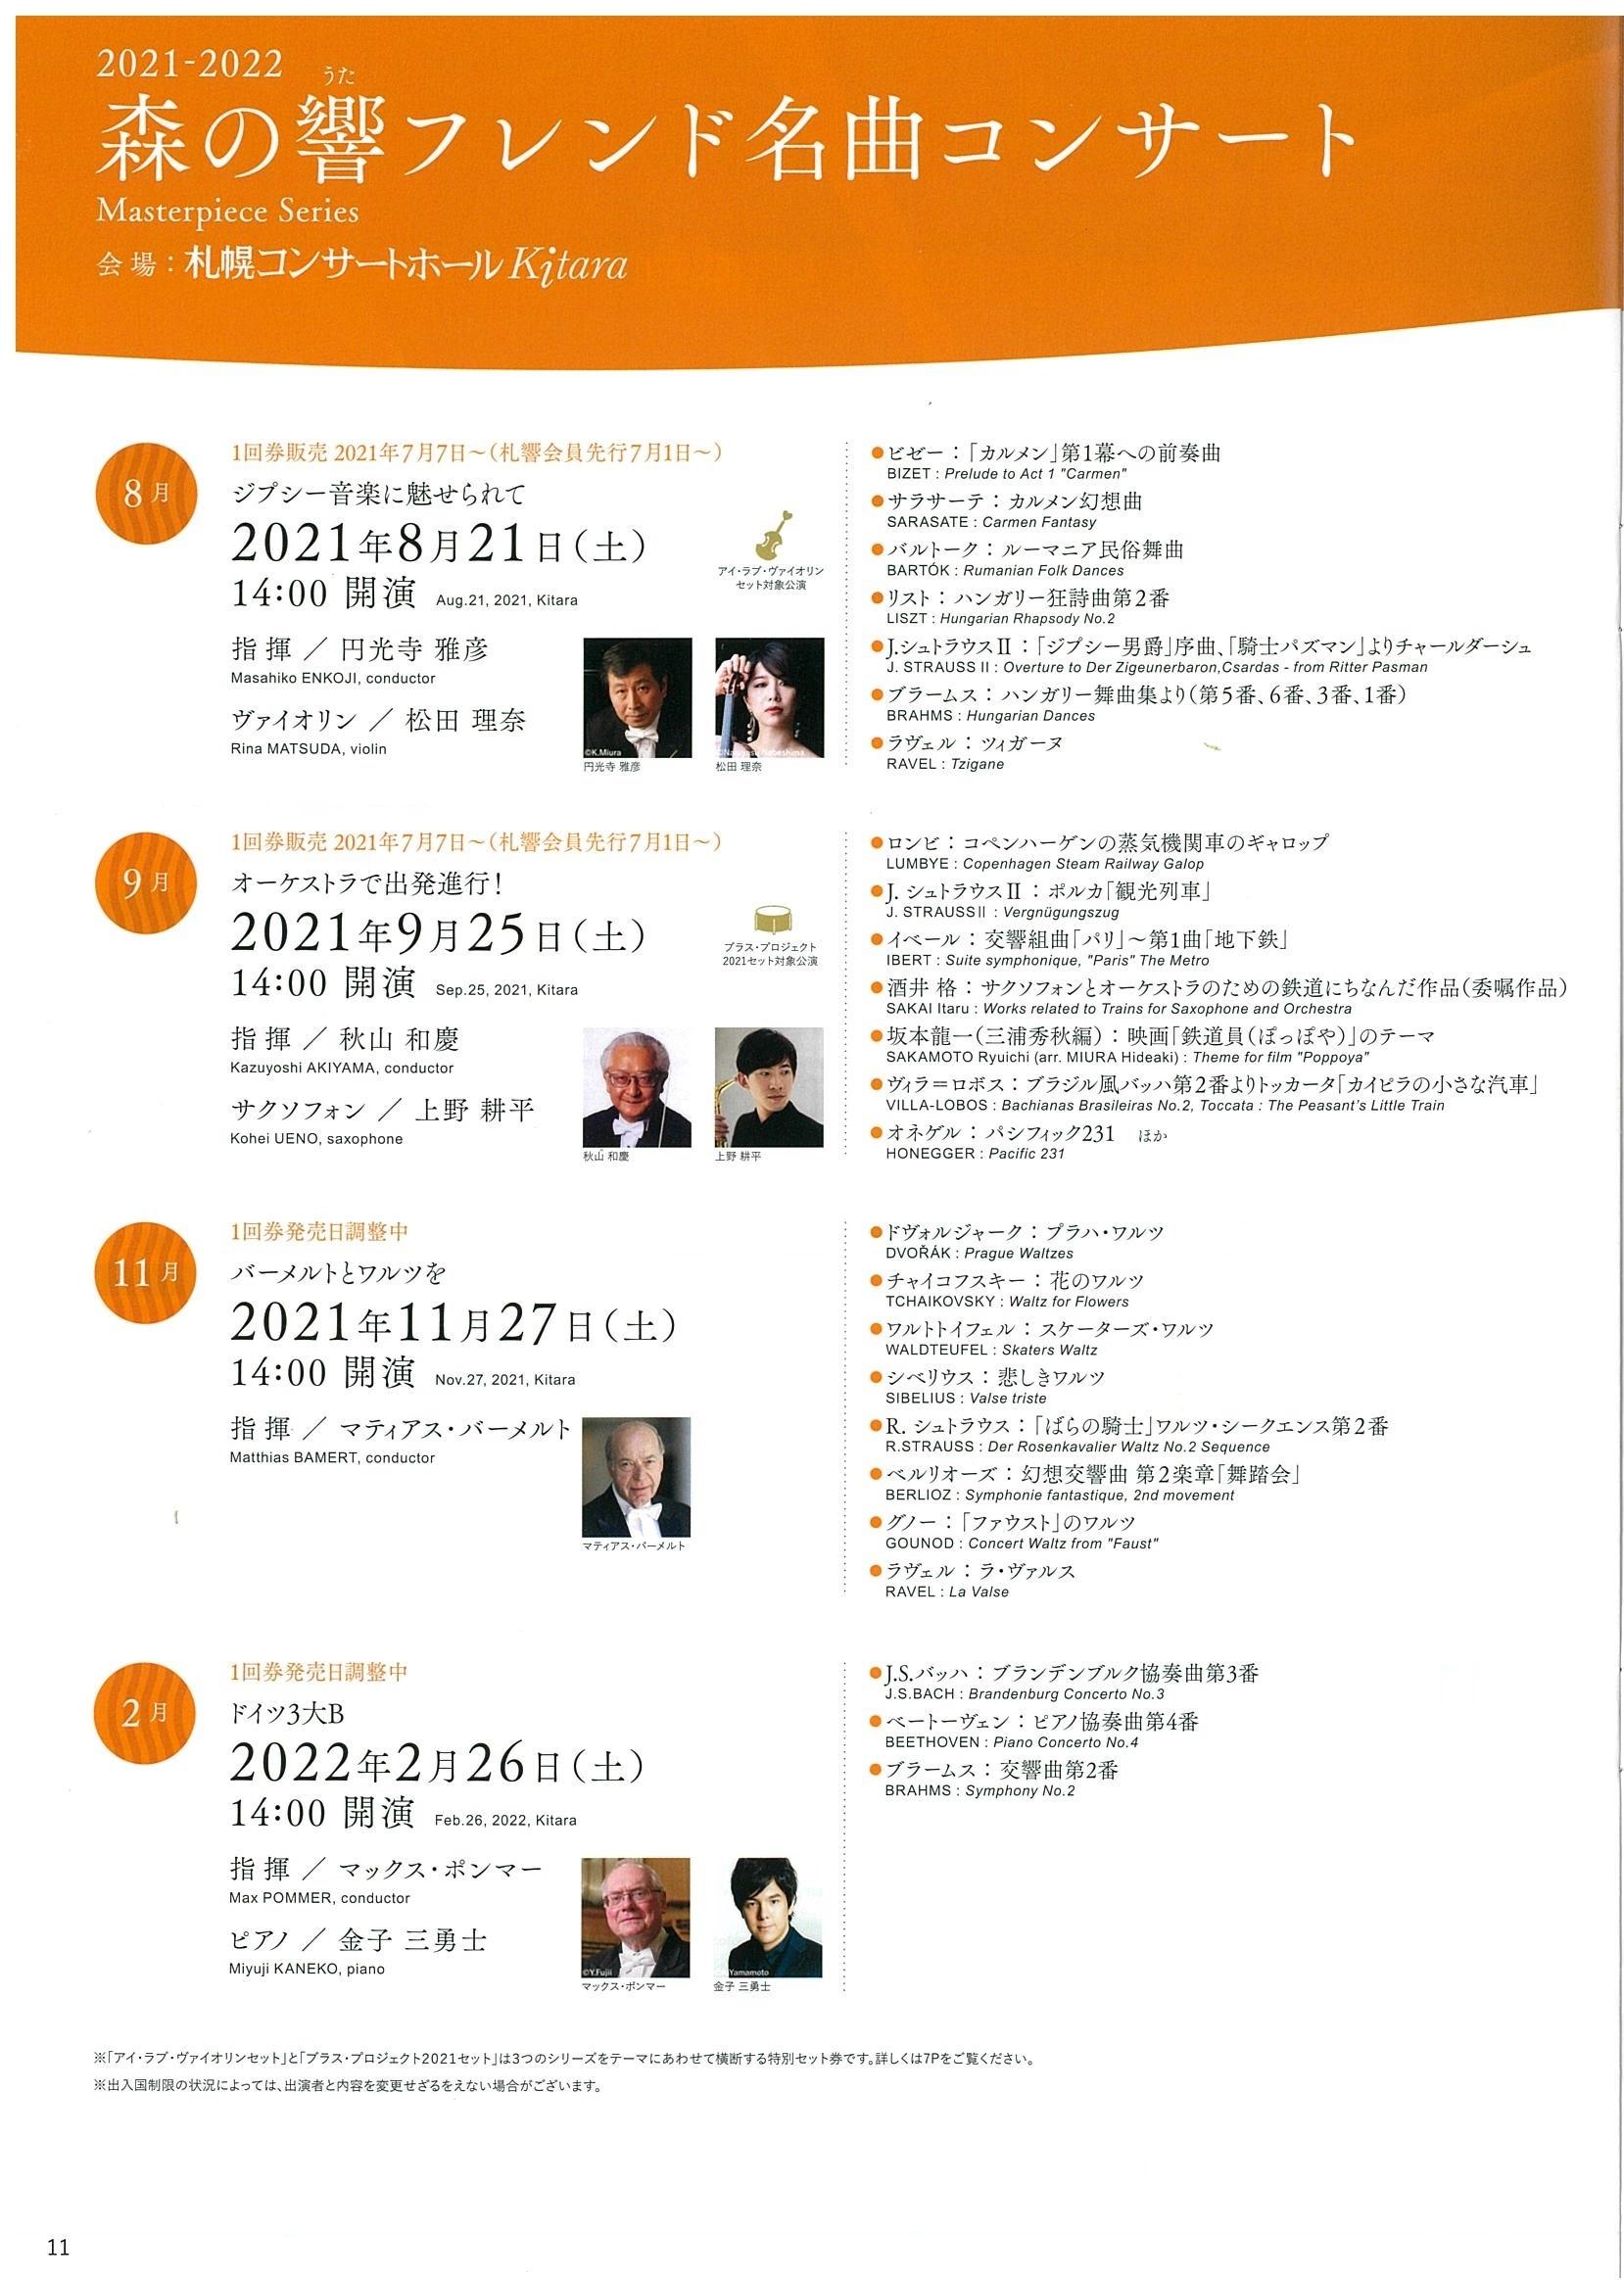 2021-2022『名曲コンサート』4回通し券発売(5/27会員、6/10一般)